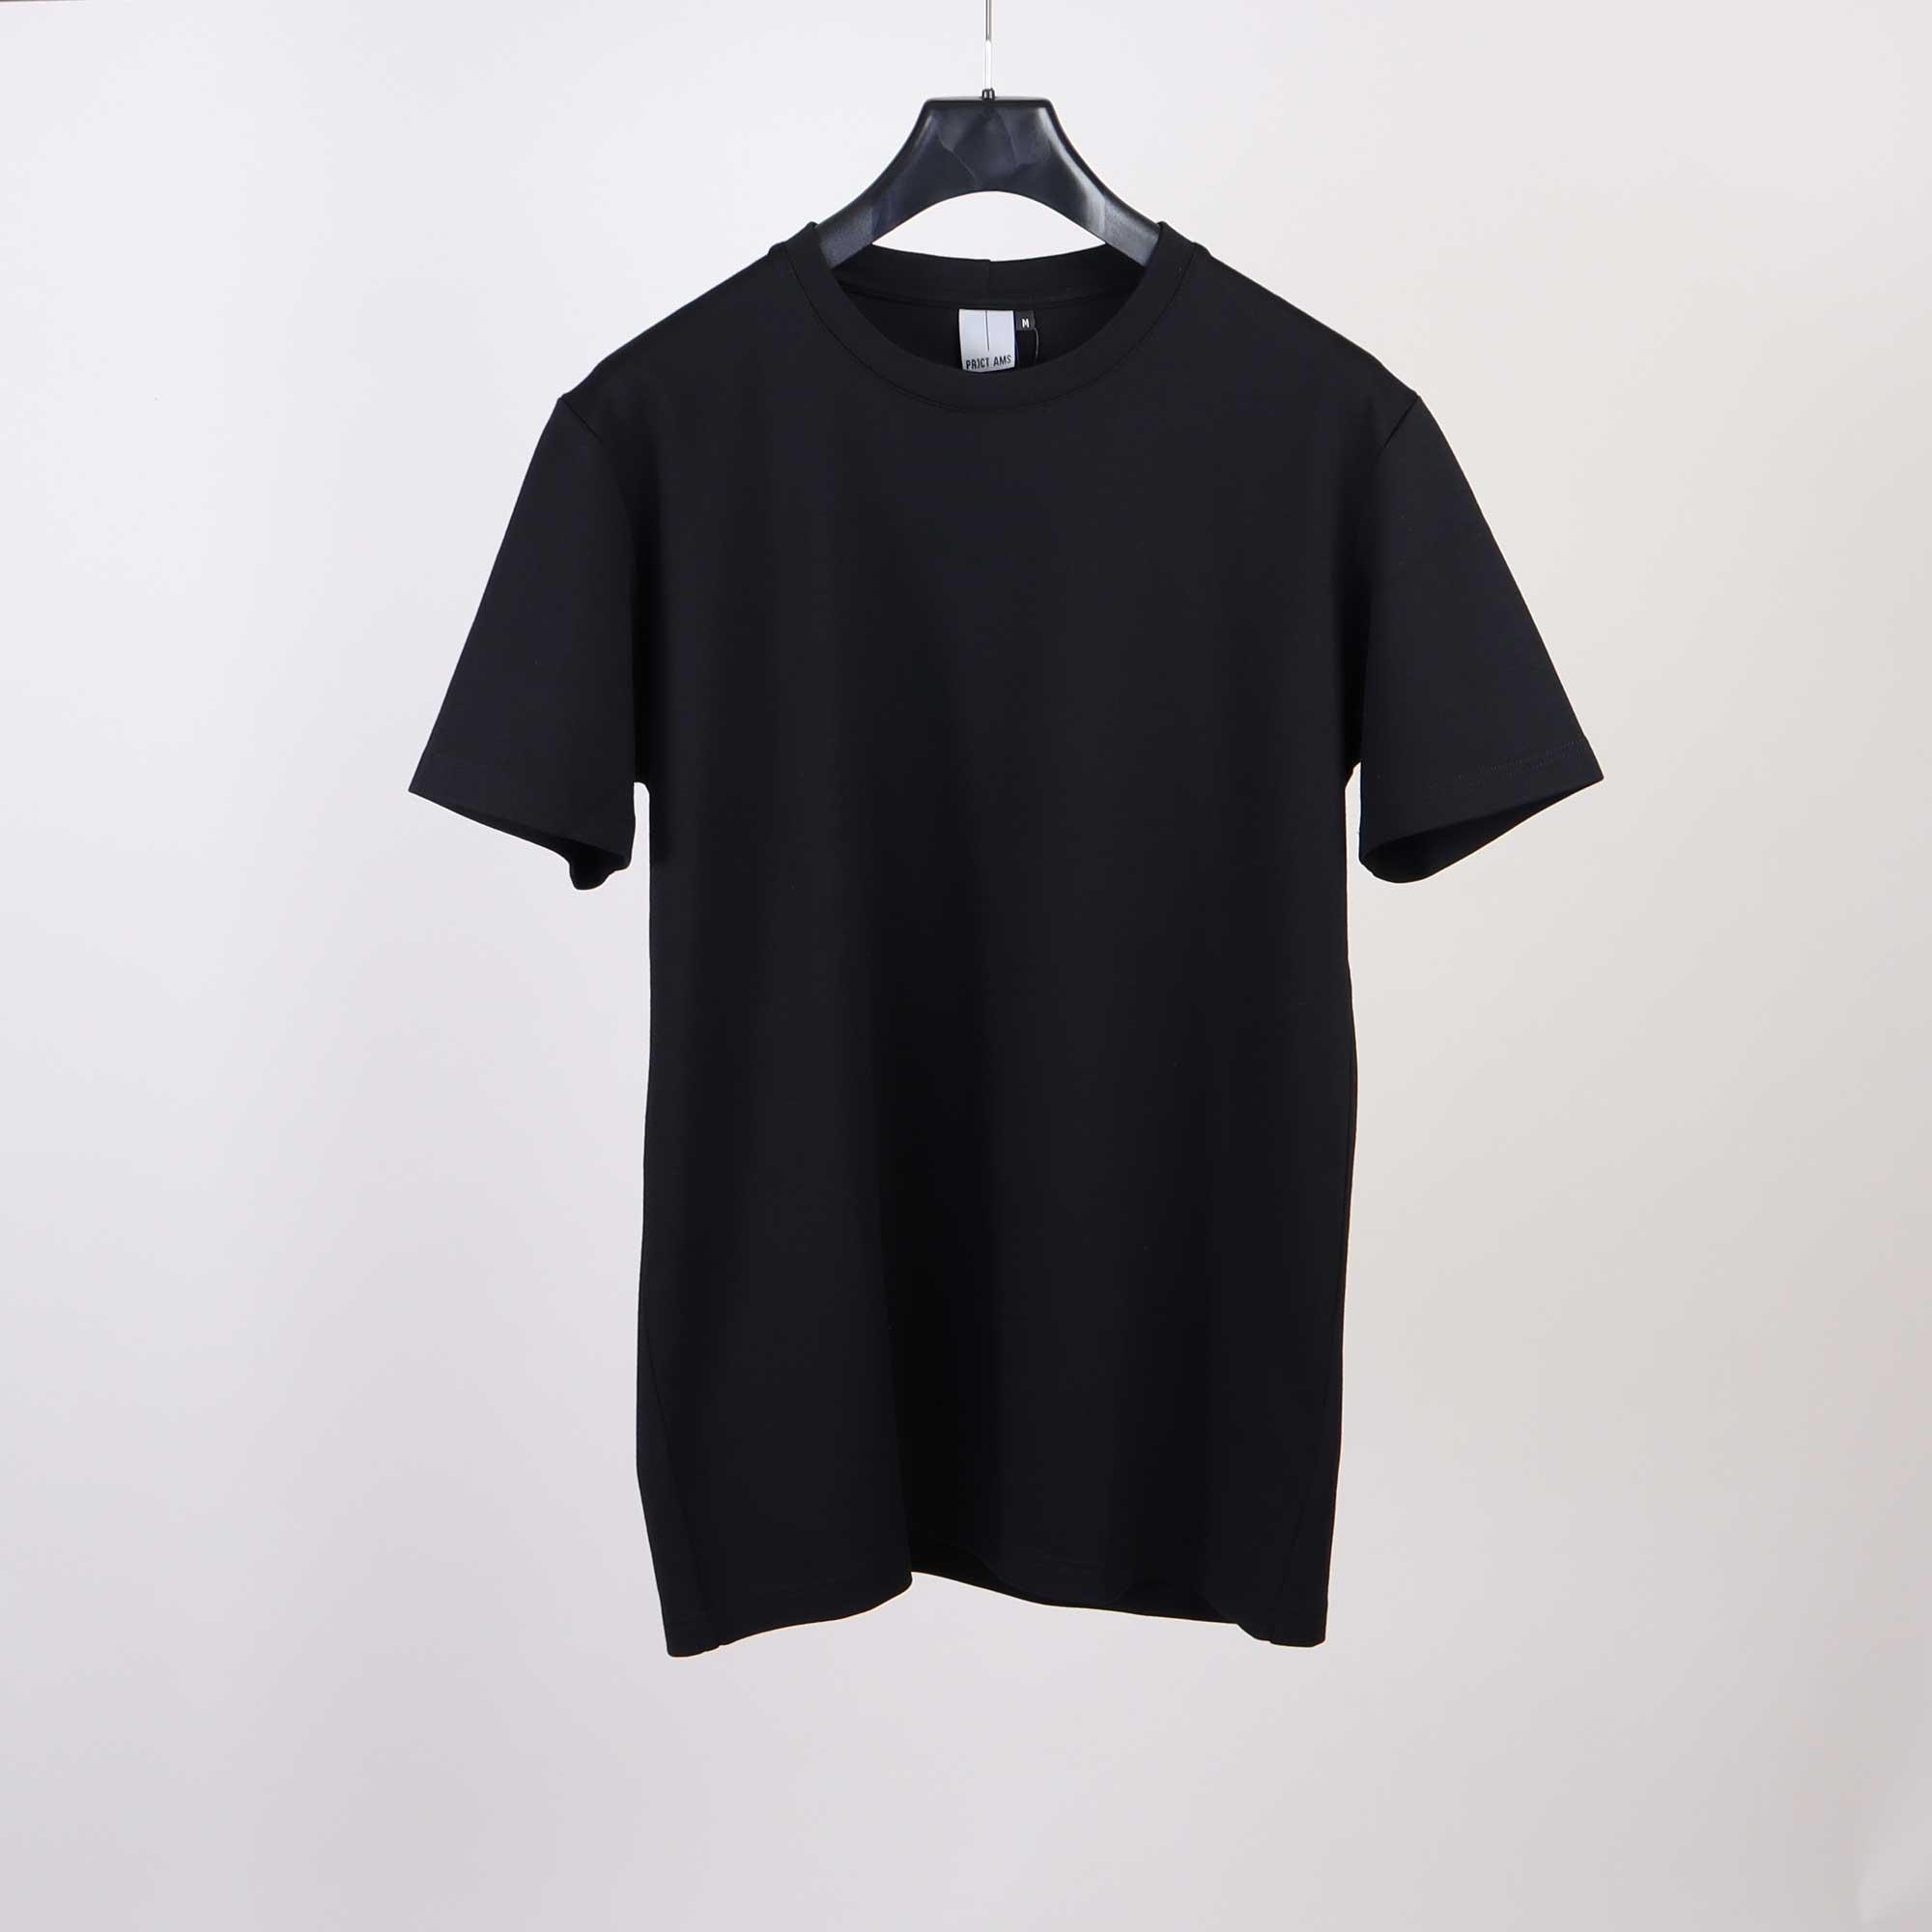 punto-tee-zwart-1png